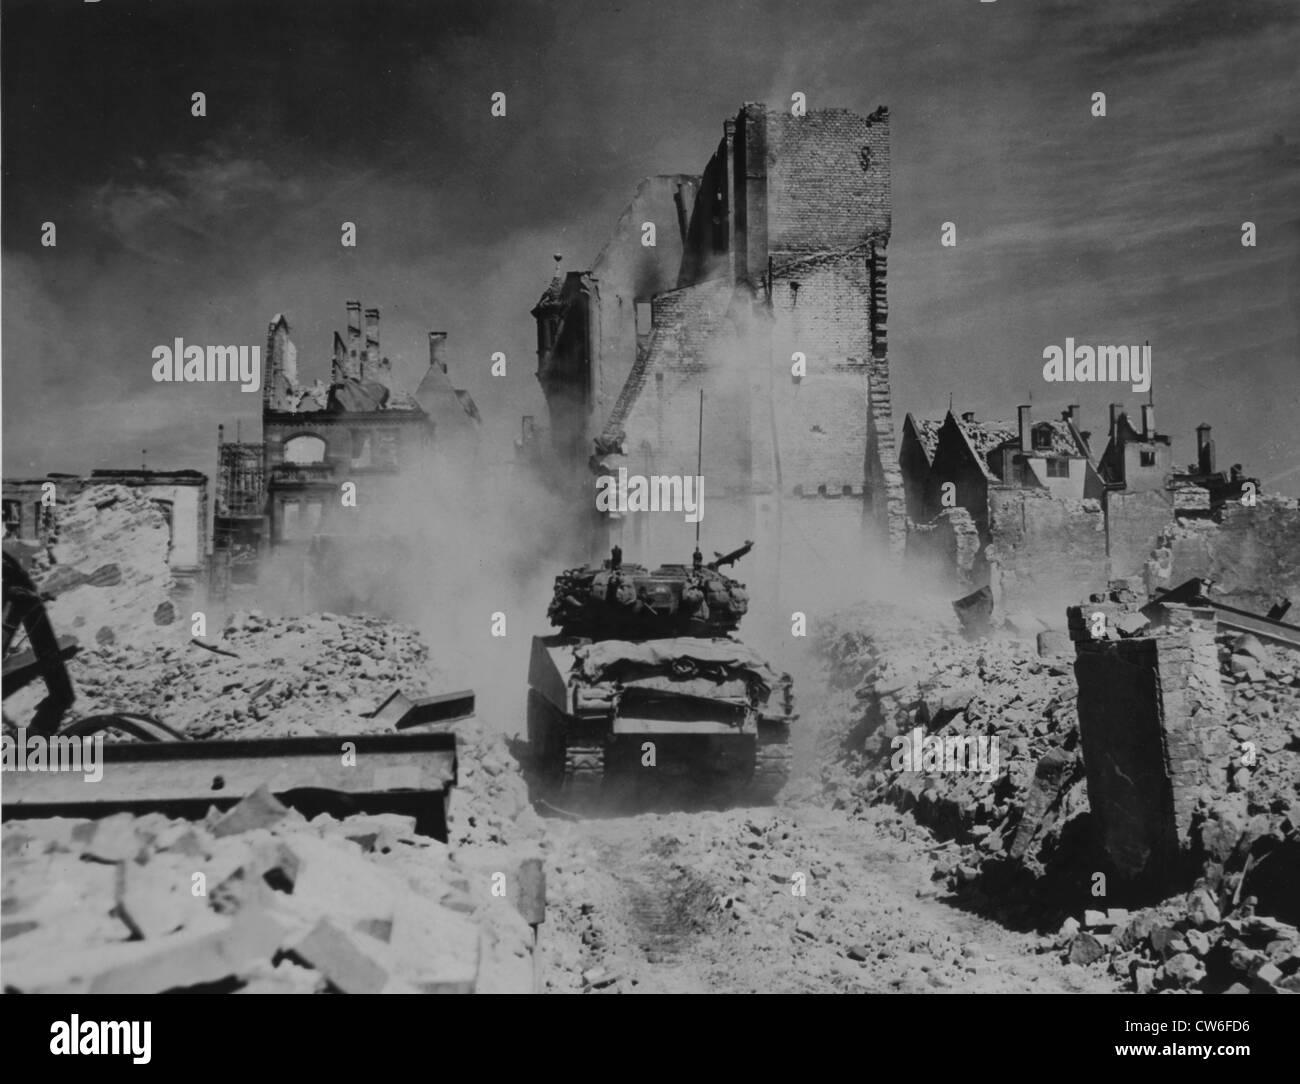 Battle scene in Nuremberg (Germany) April 20, 1945 - Stock Image